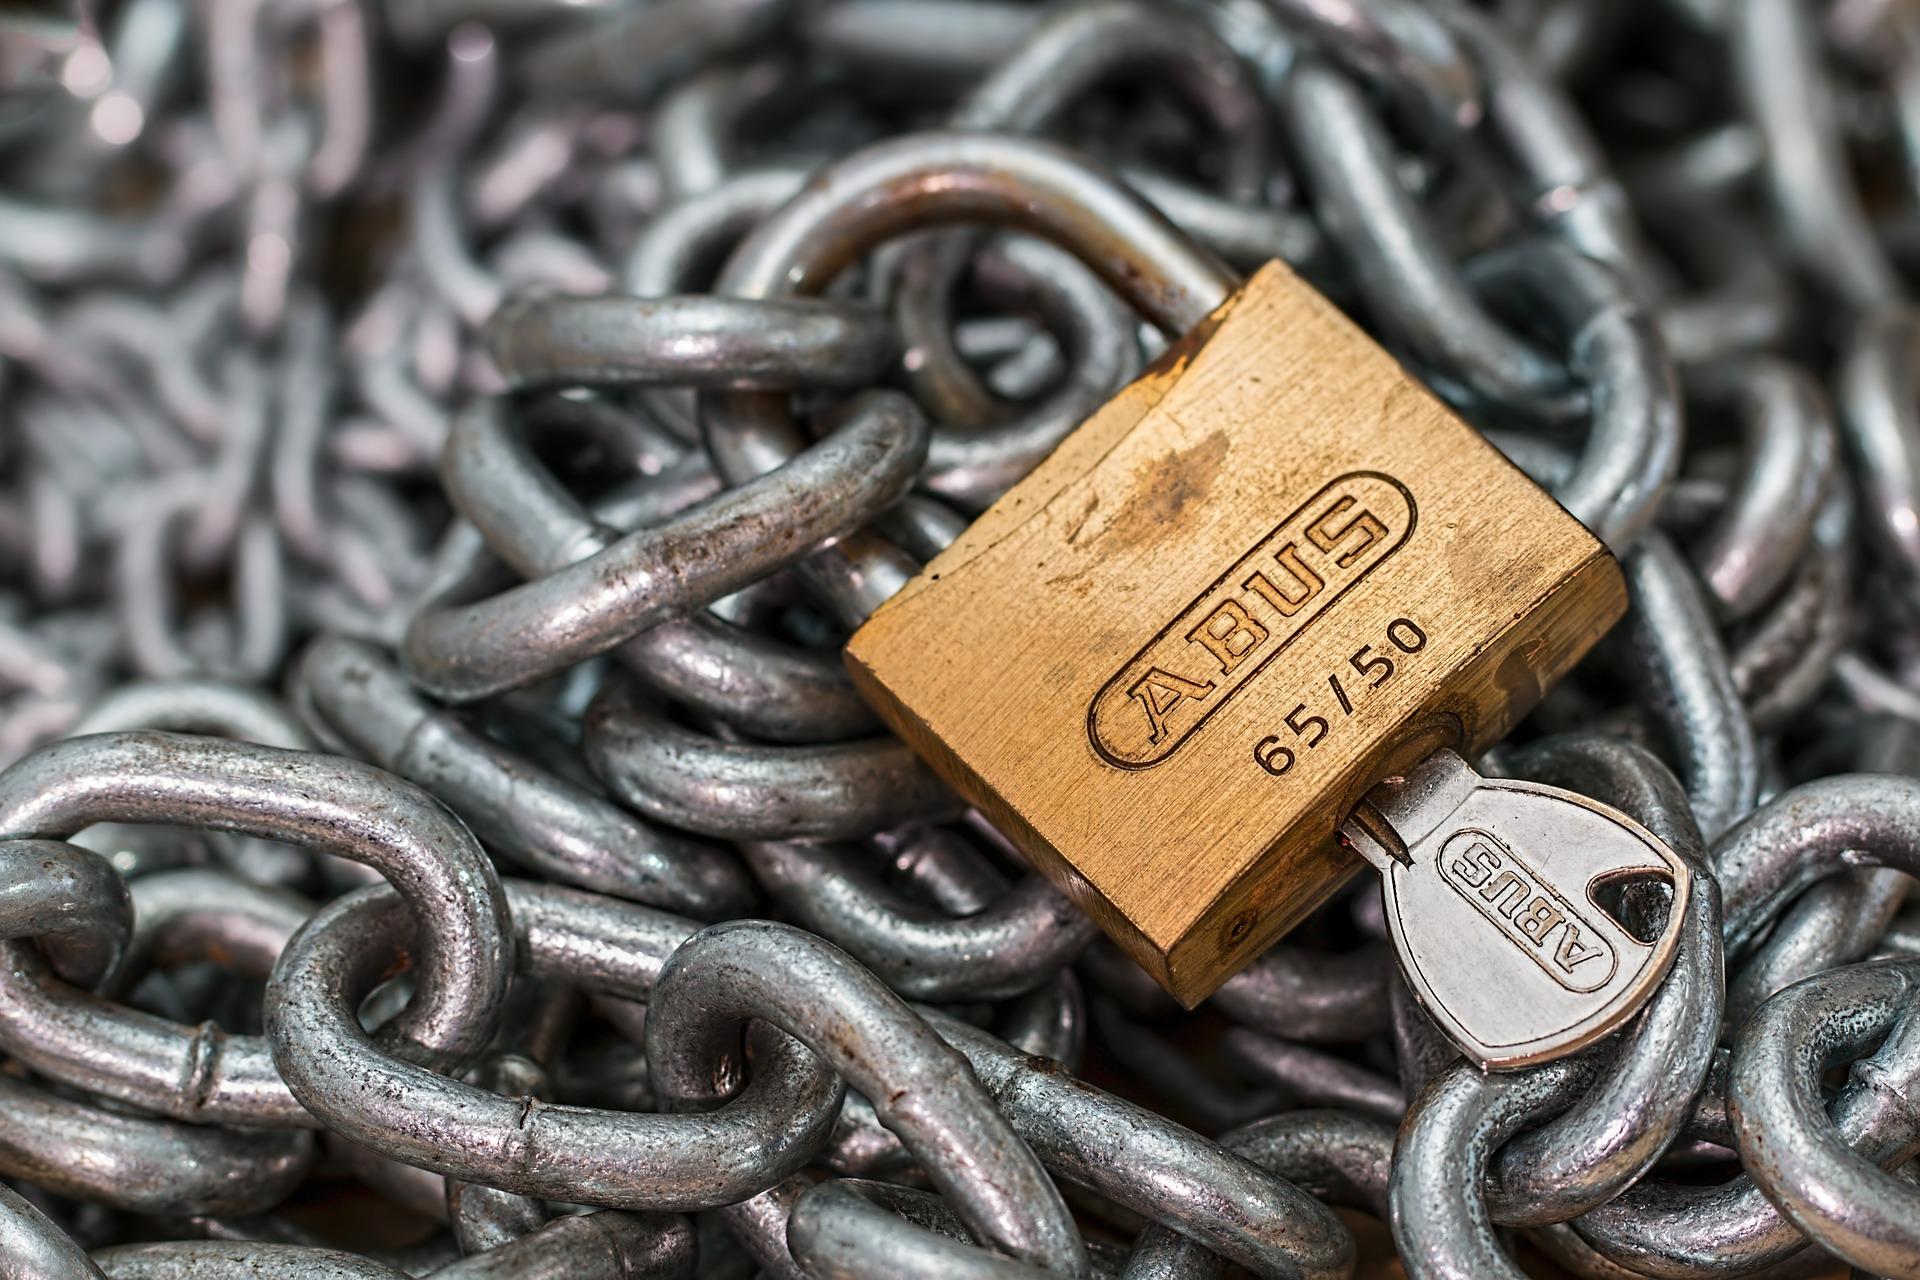 padlock-597495_1920.jpg